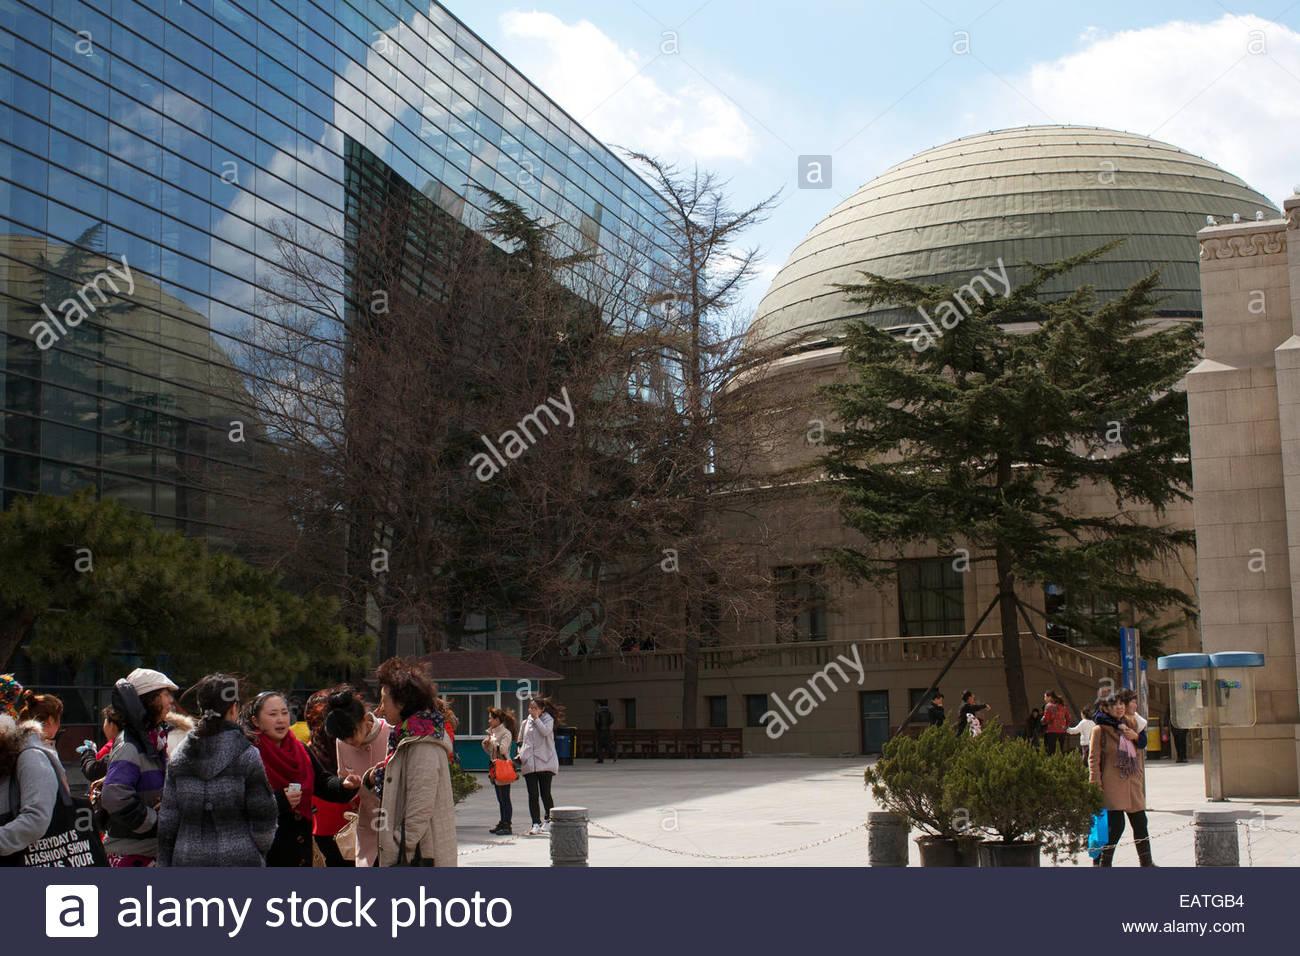 Eine totale Aussicht auf das äußere des Beijing Planetariums. Stockbild